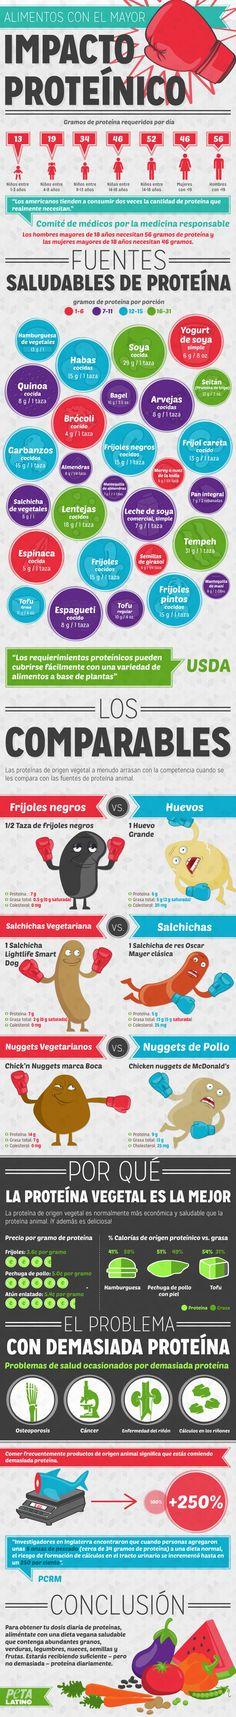 Alimentos con el mayor impacto proteínico (Infografía) | Features | PETA Latino